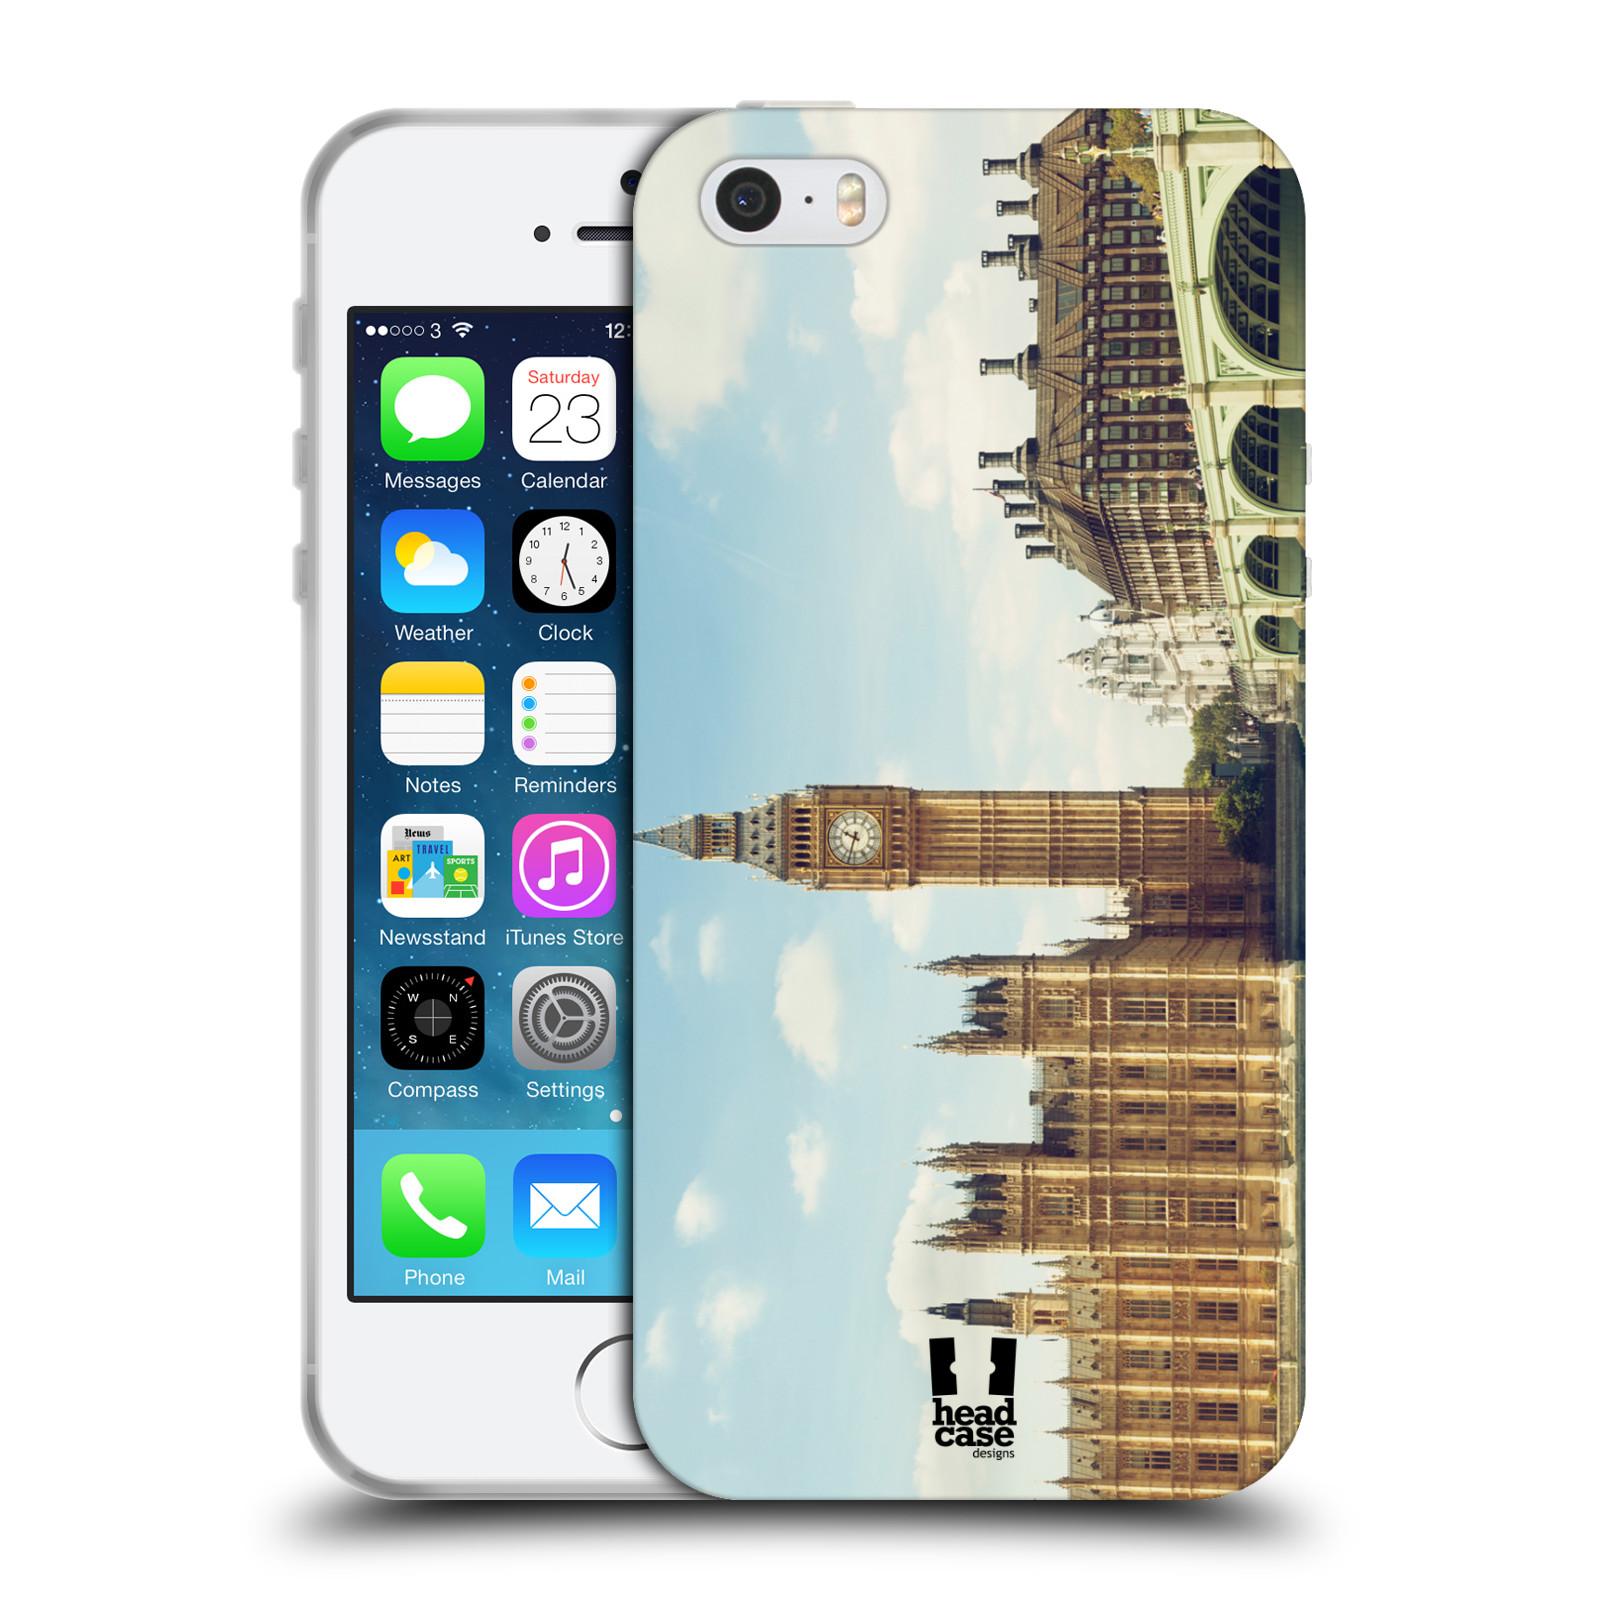 HEAD CASE silikonový obal na mobil Apple Iphone 5 5S vzor Panoramata měst  horizontální foto empty d2771af4c9a